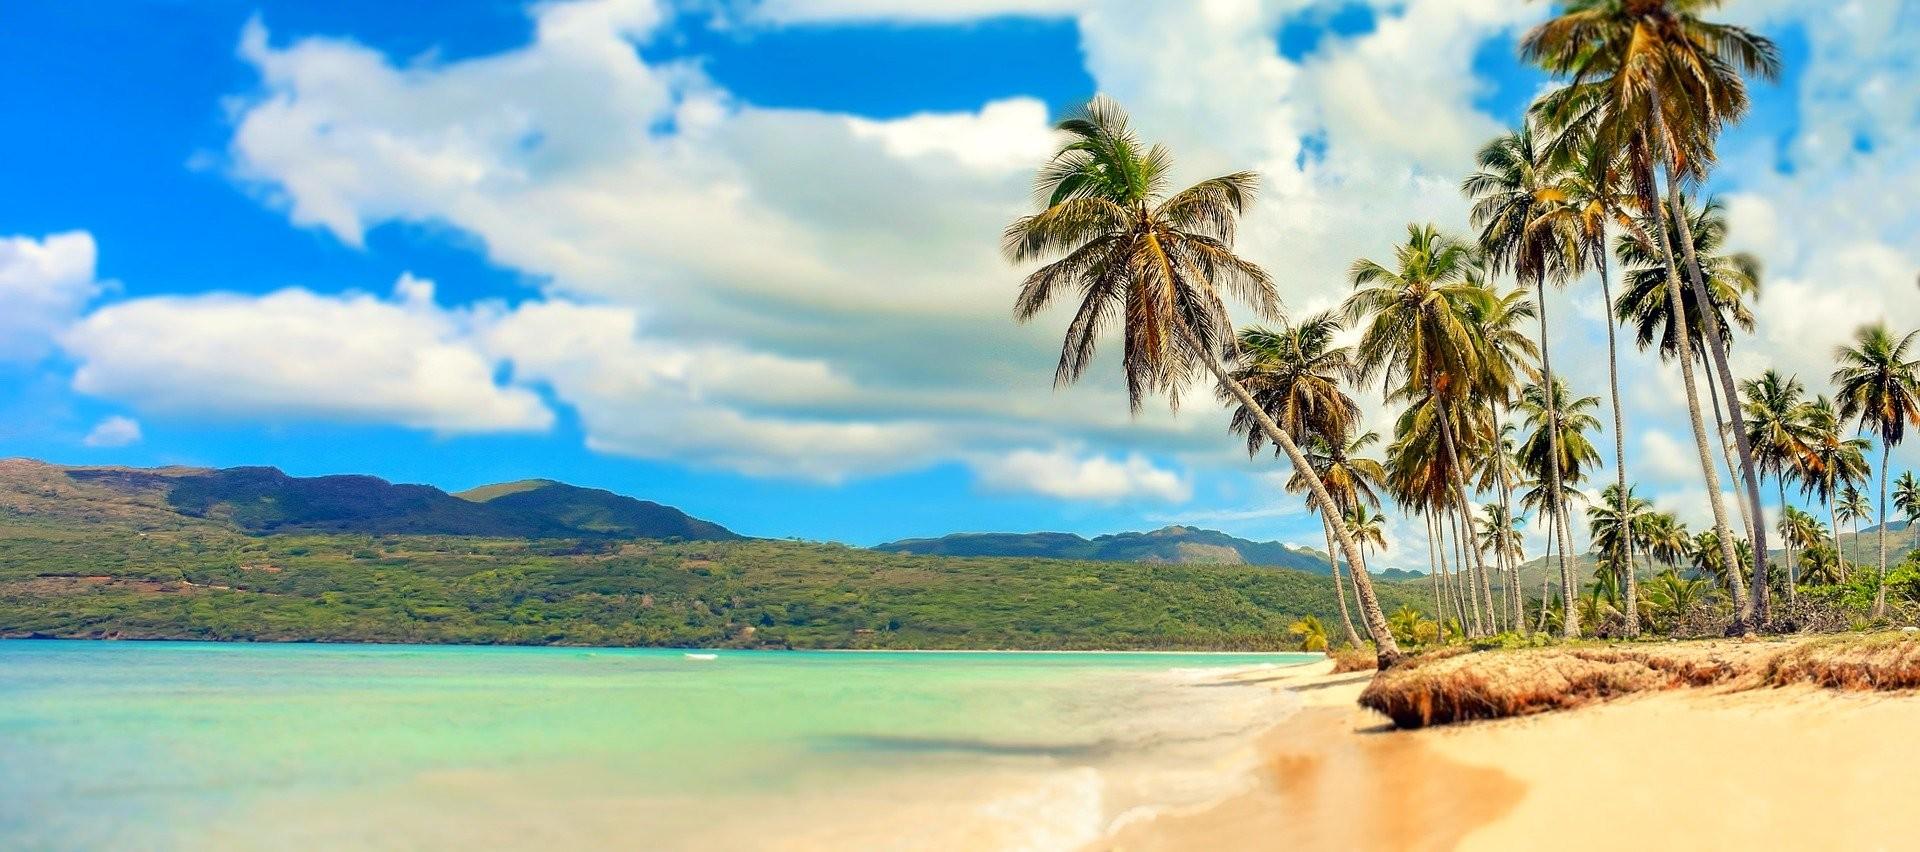 news-main-la-republique-dominicaine-annonce-la-reprise-de-son-activite-touristique-a-partir-du-1er-juillet.1592303810.jpg